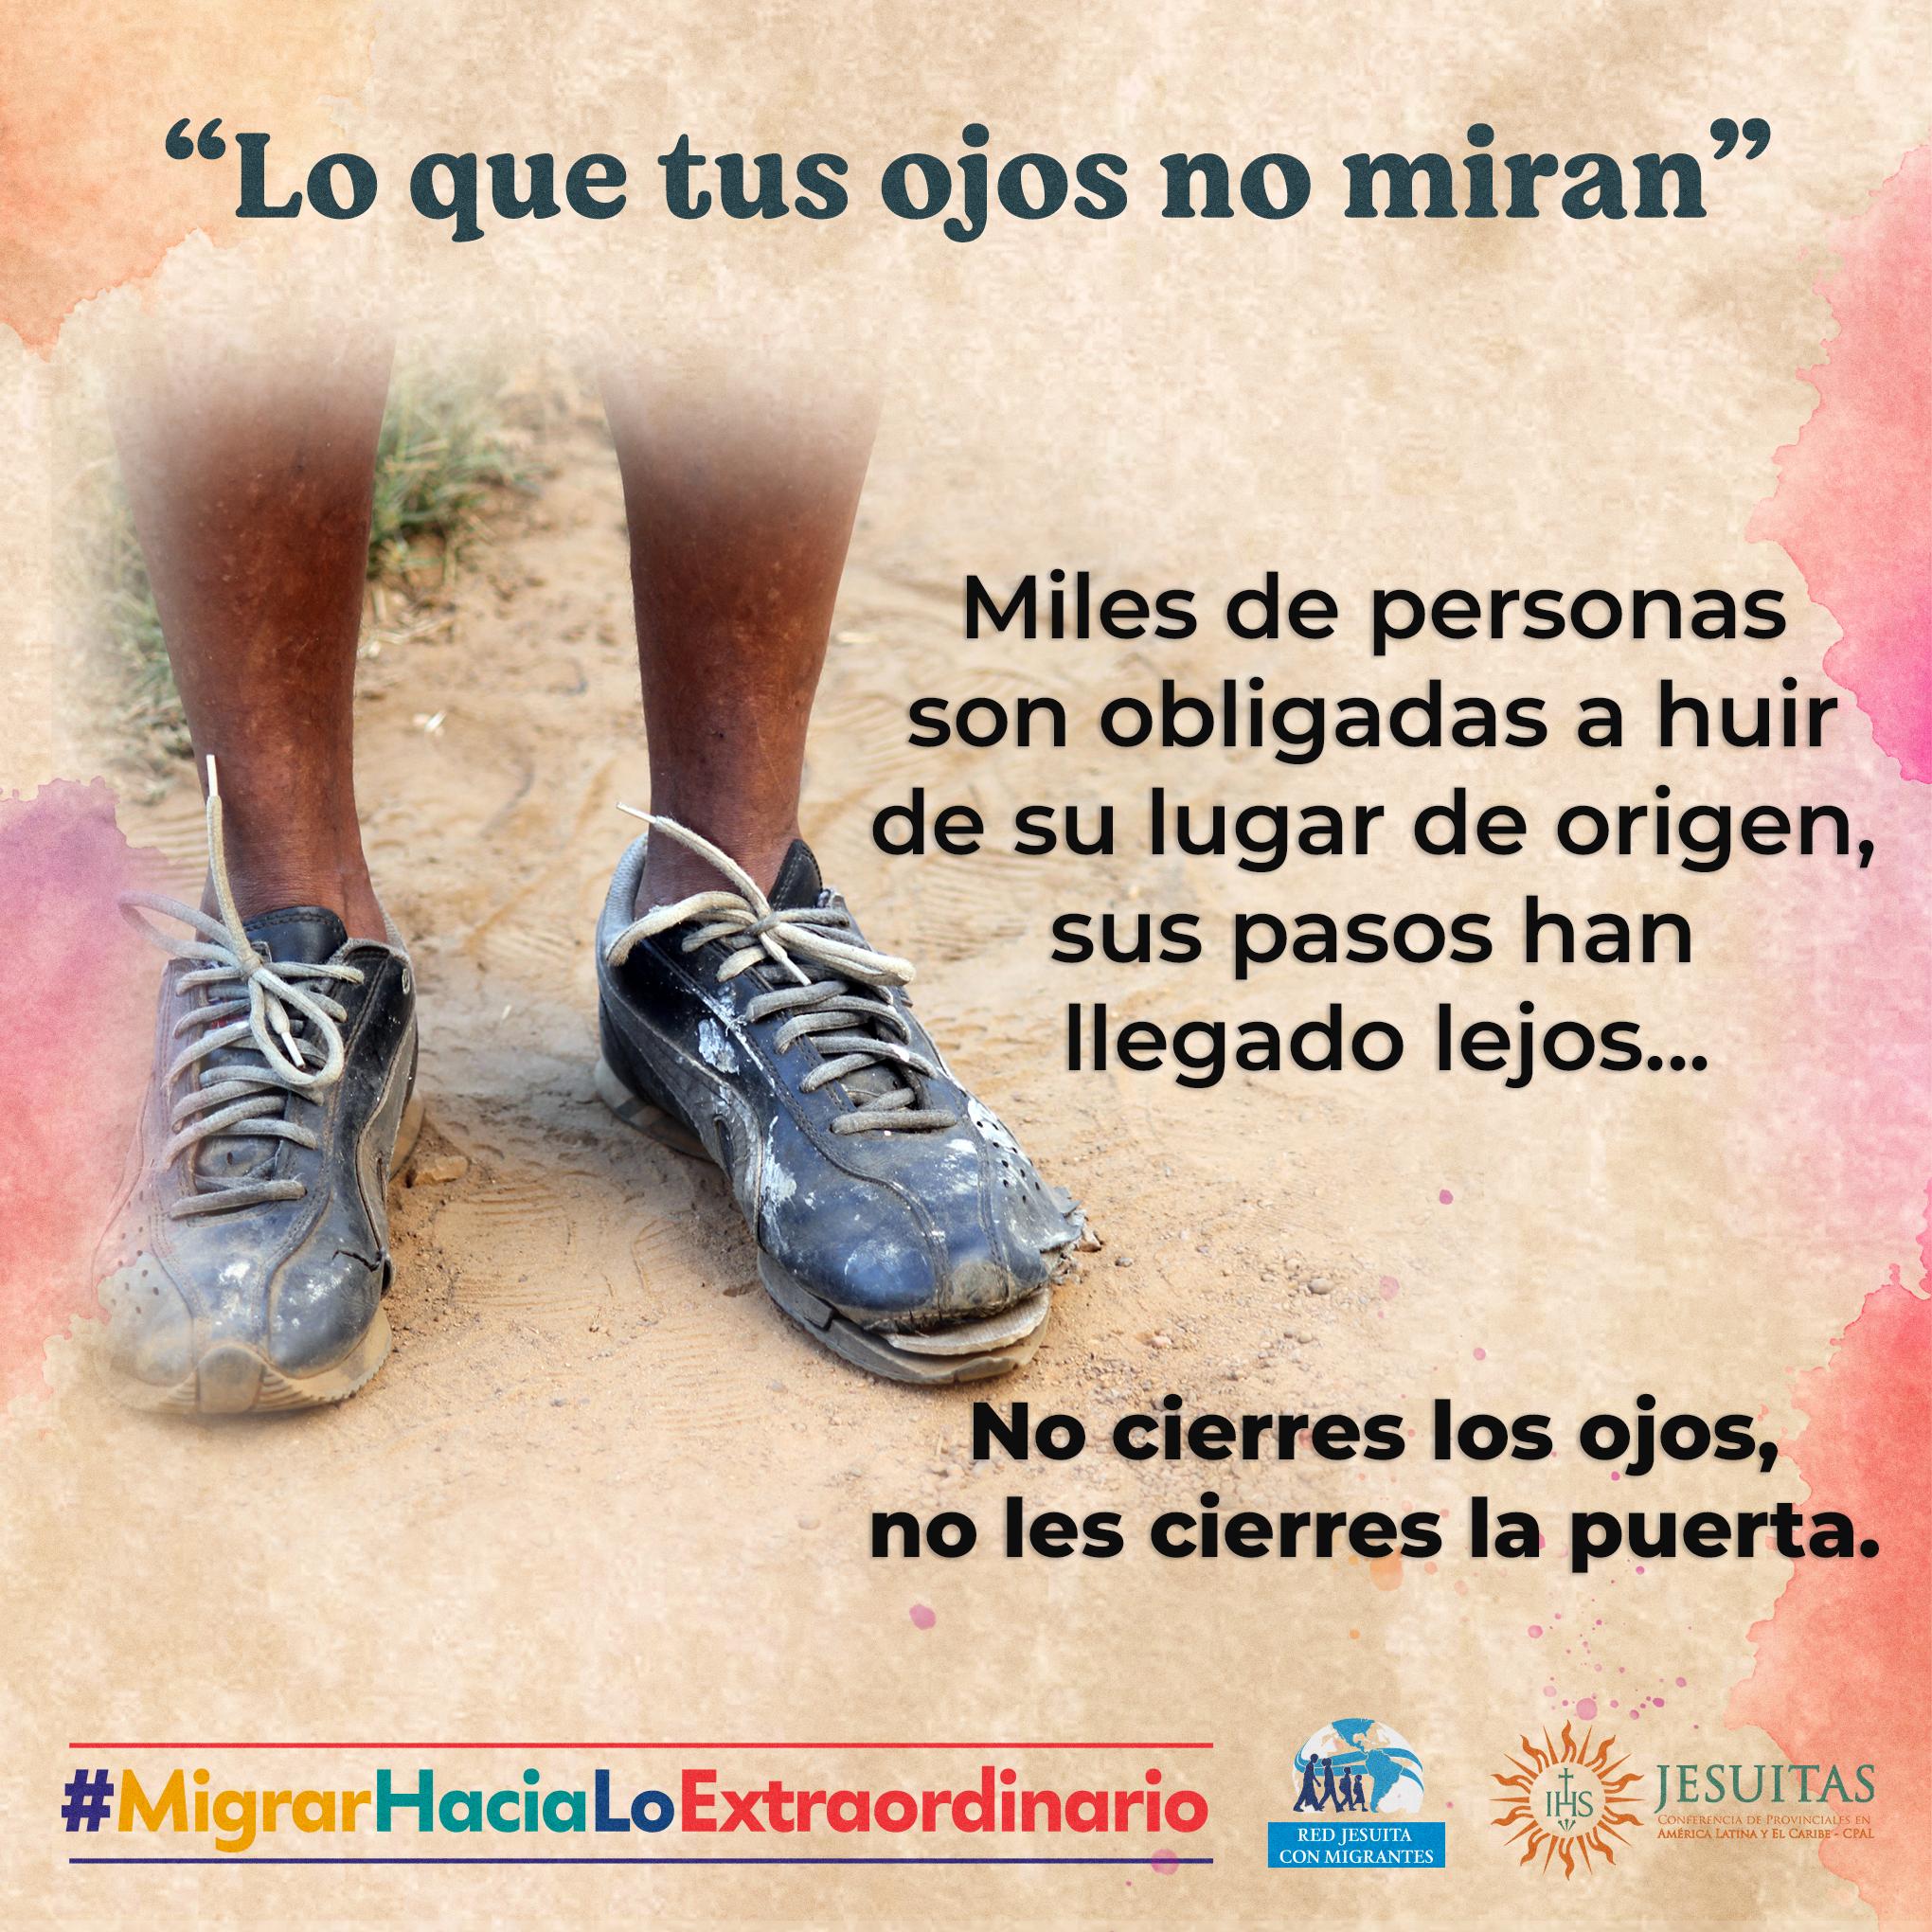 Mensaje desde México: no cierres los ojos a esta realidad.